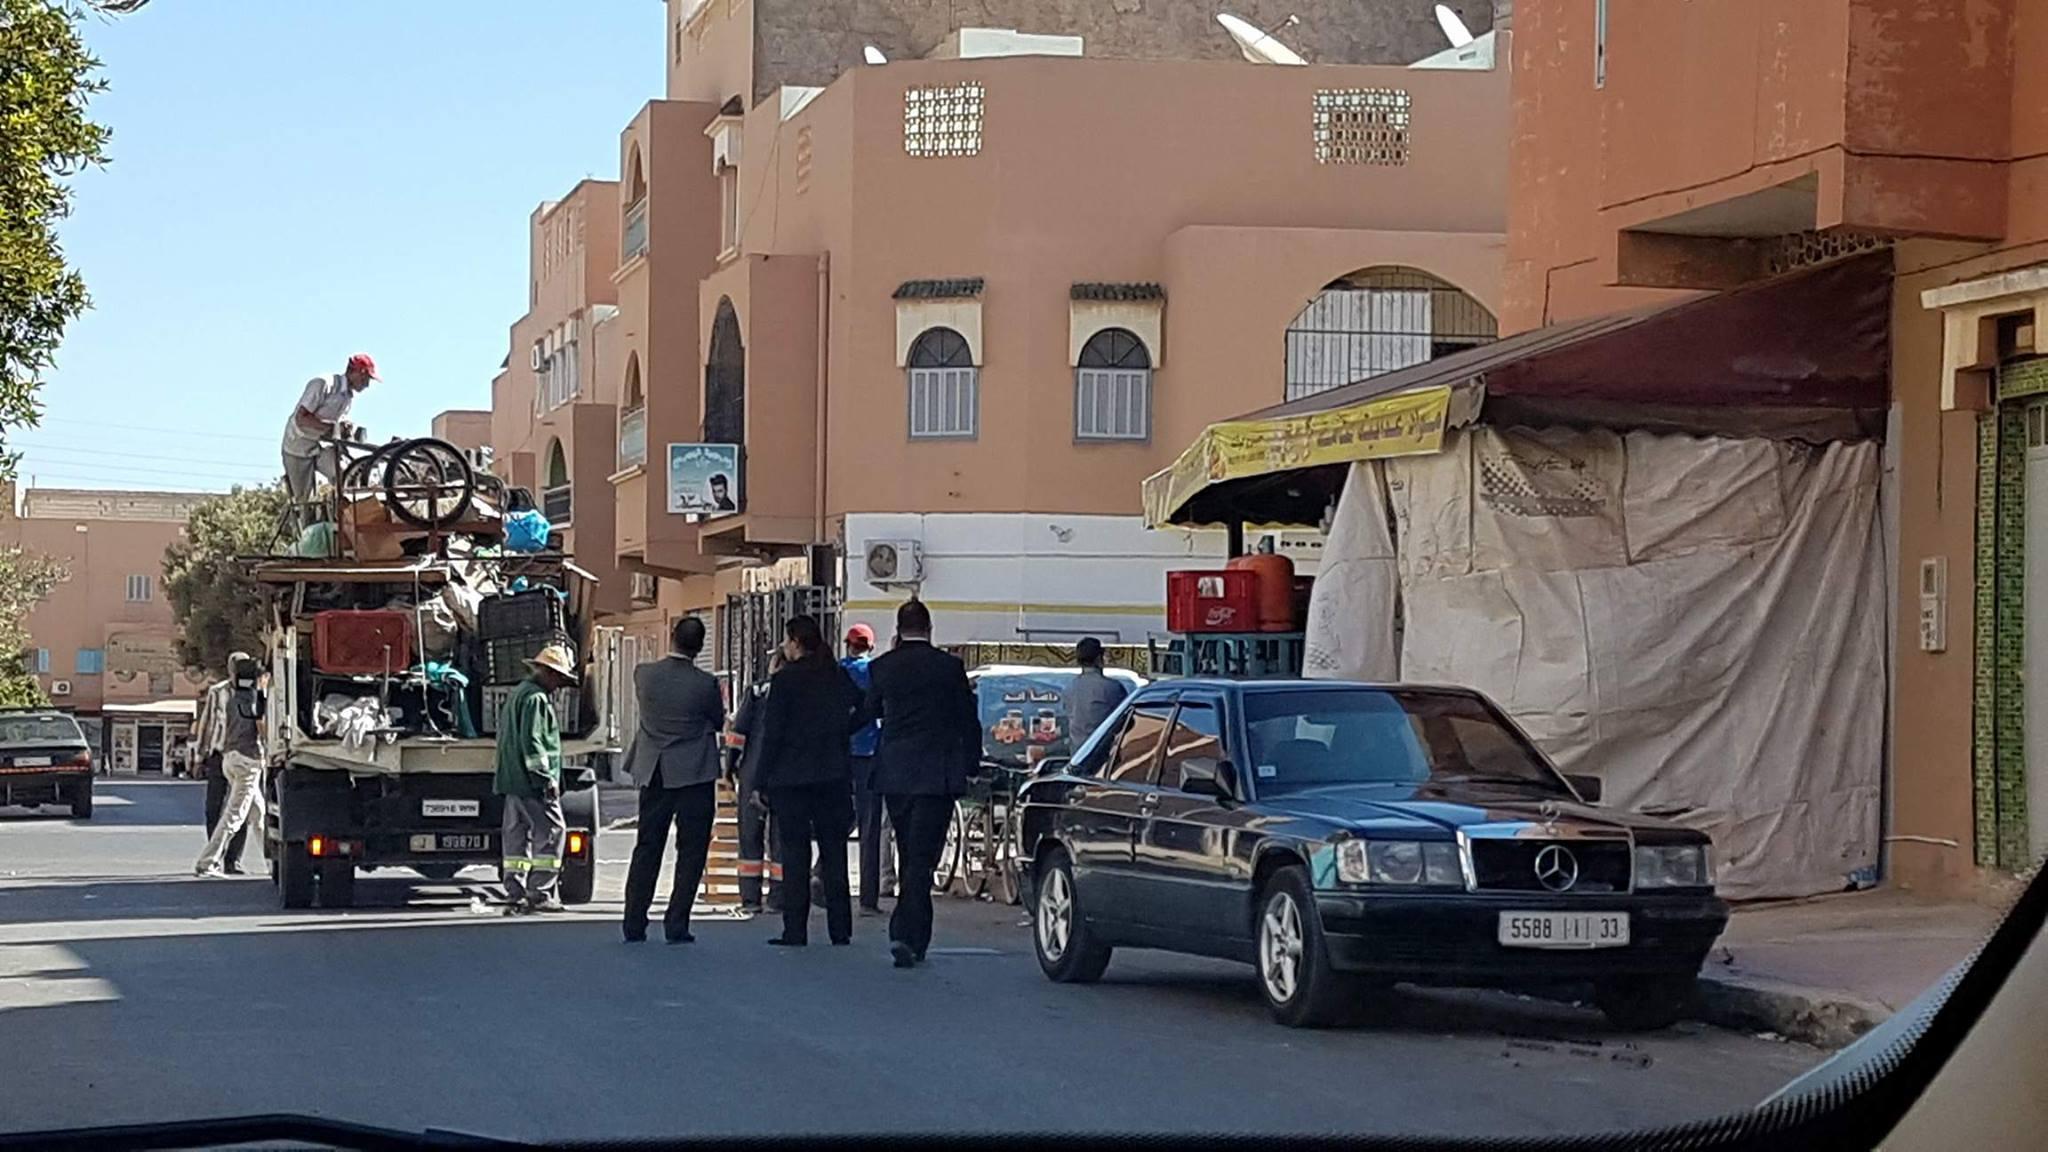 السلطة المحلية بتيزنيت تشن حملة لتحرير الملك العمومي